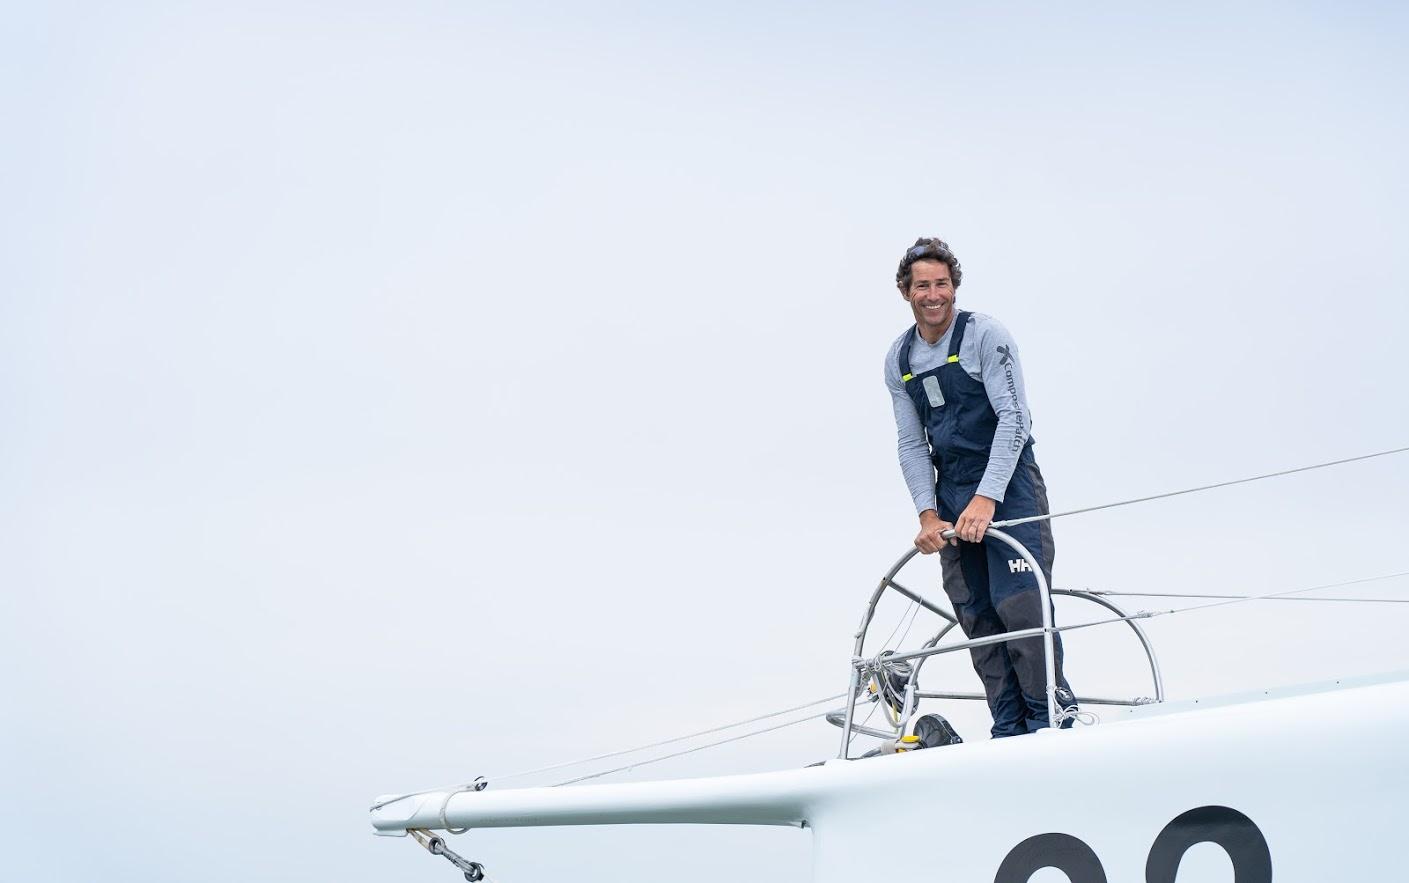 IMOCA Vers un Monde sans Sida - Skipper Clément Giraud ©Maxime.Mergalet